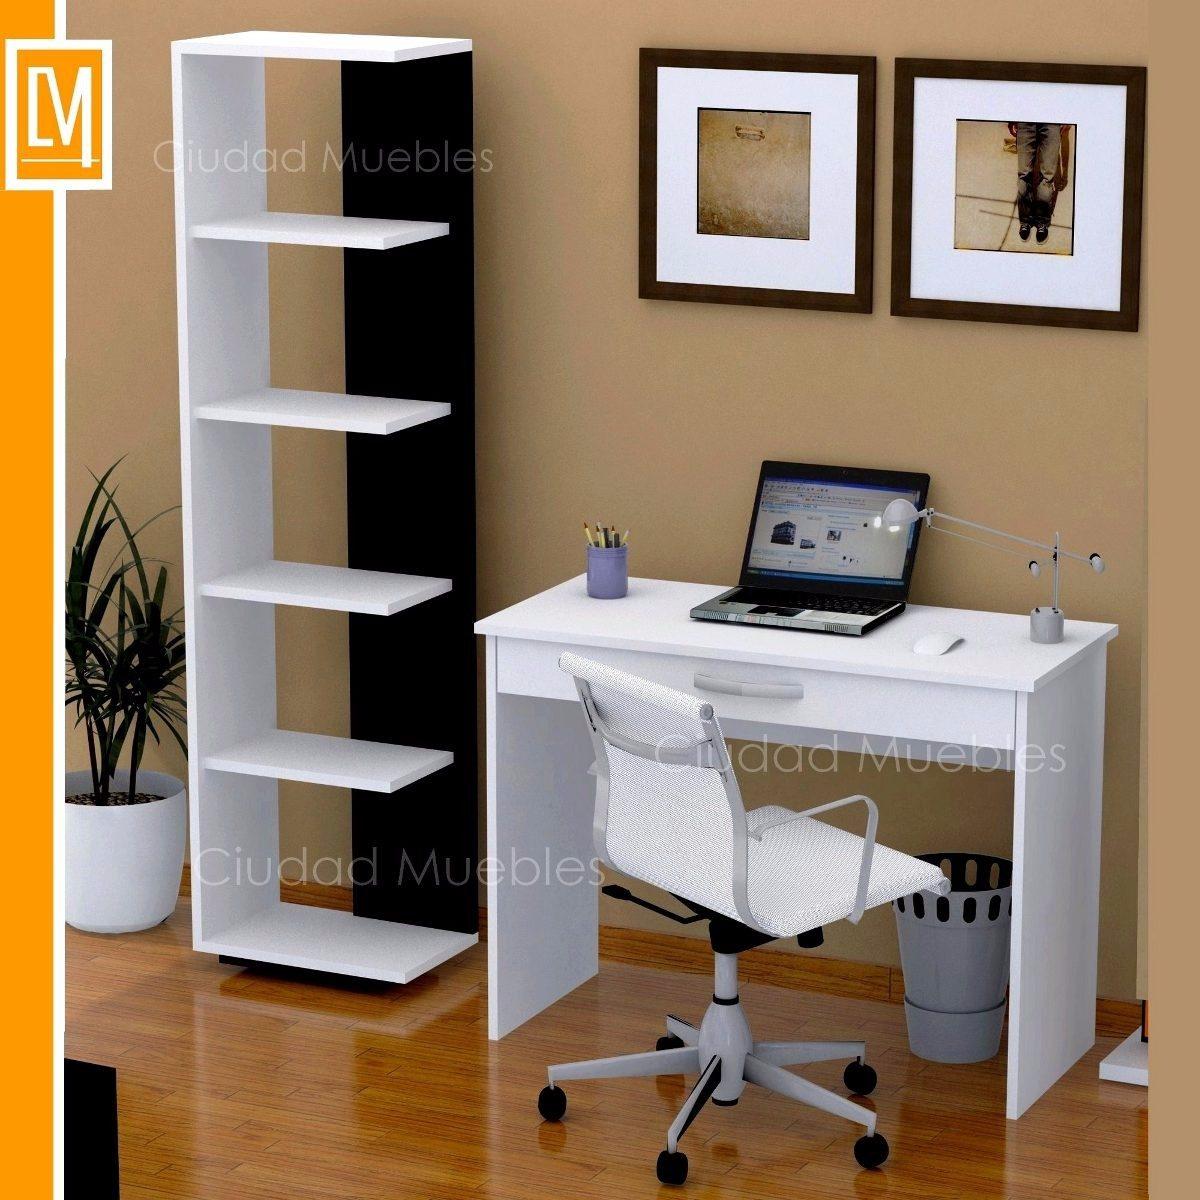 Escritorio Mesa Para Notebook Con Cajon Amplio Unico  # Muebles Para Notebook E Impresora